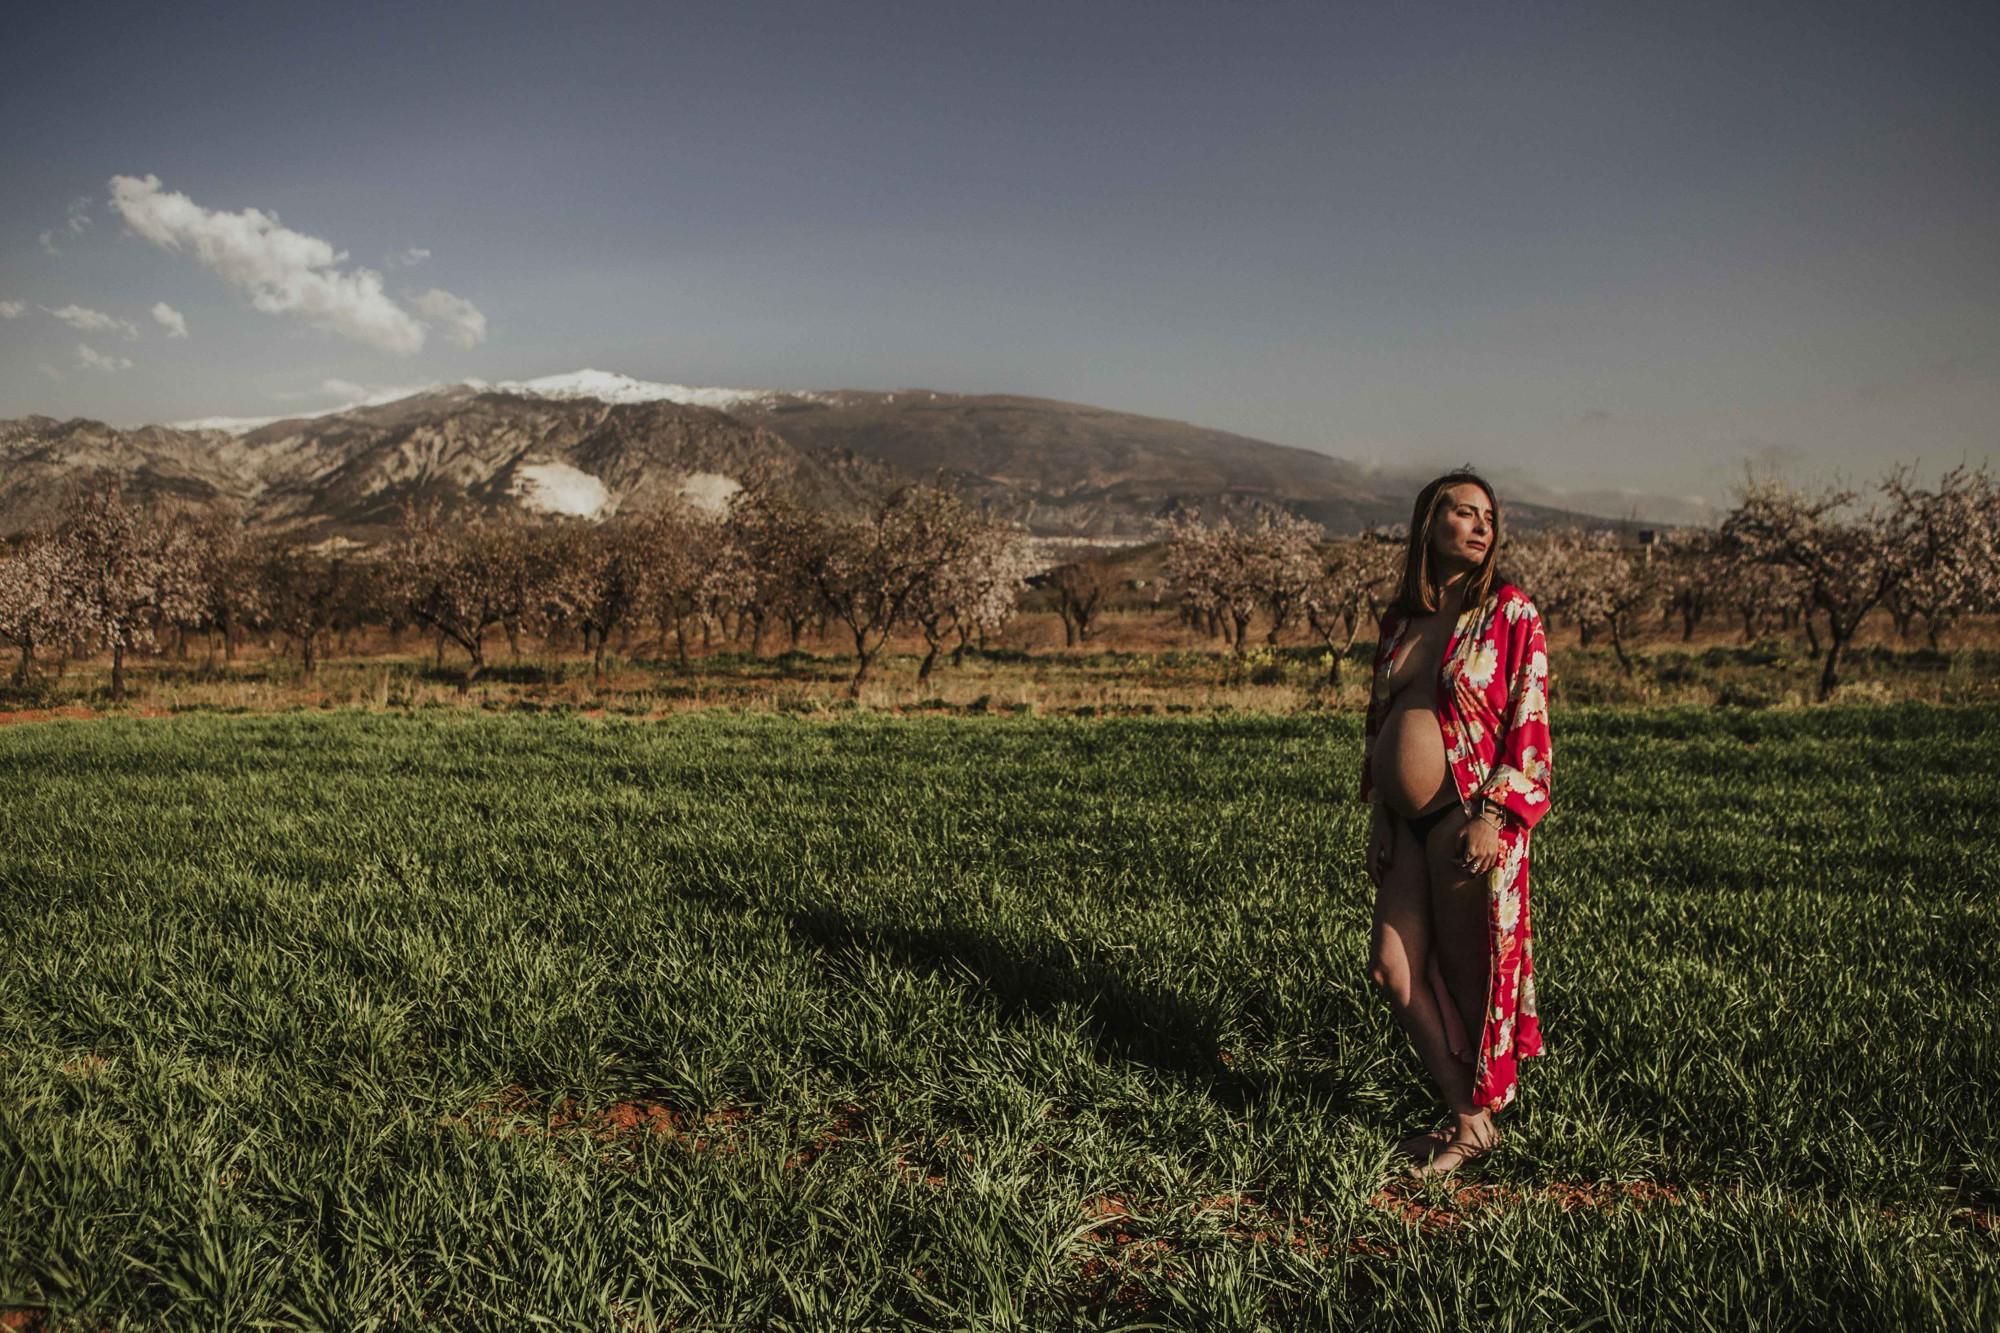 fotos embarazadas desnudo naturales Malaga malaga-9